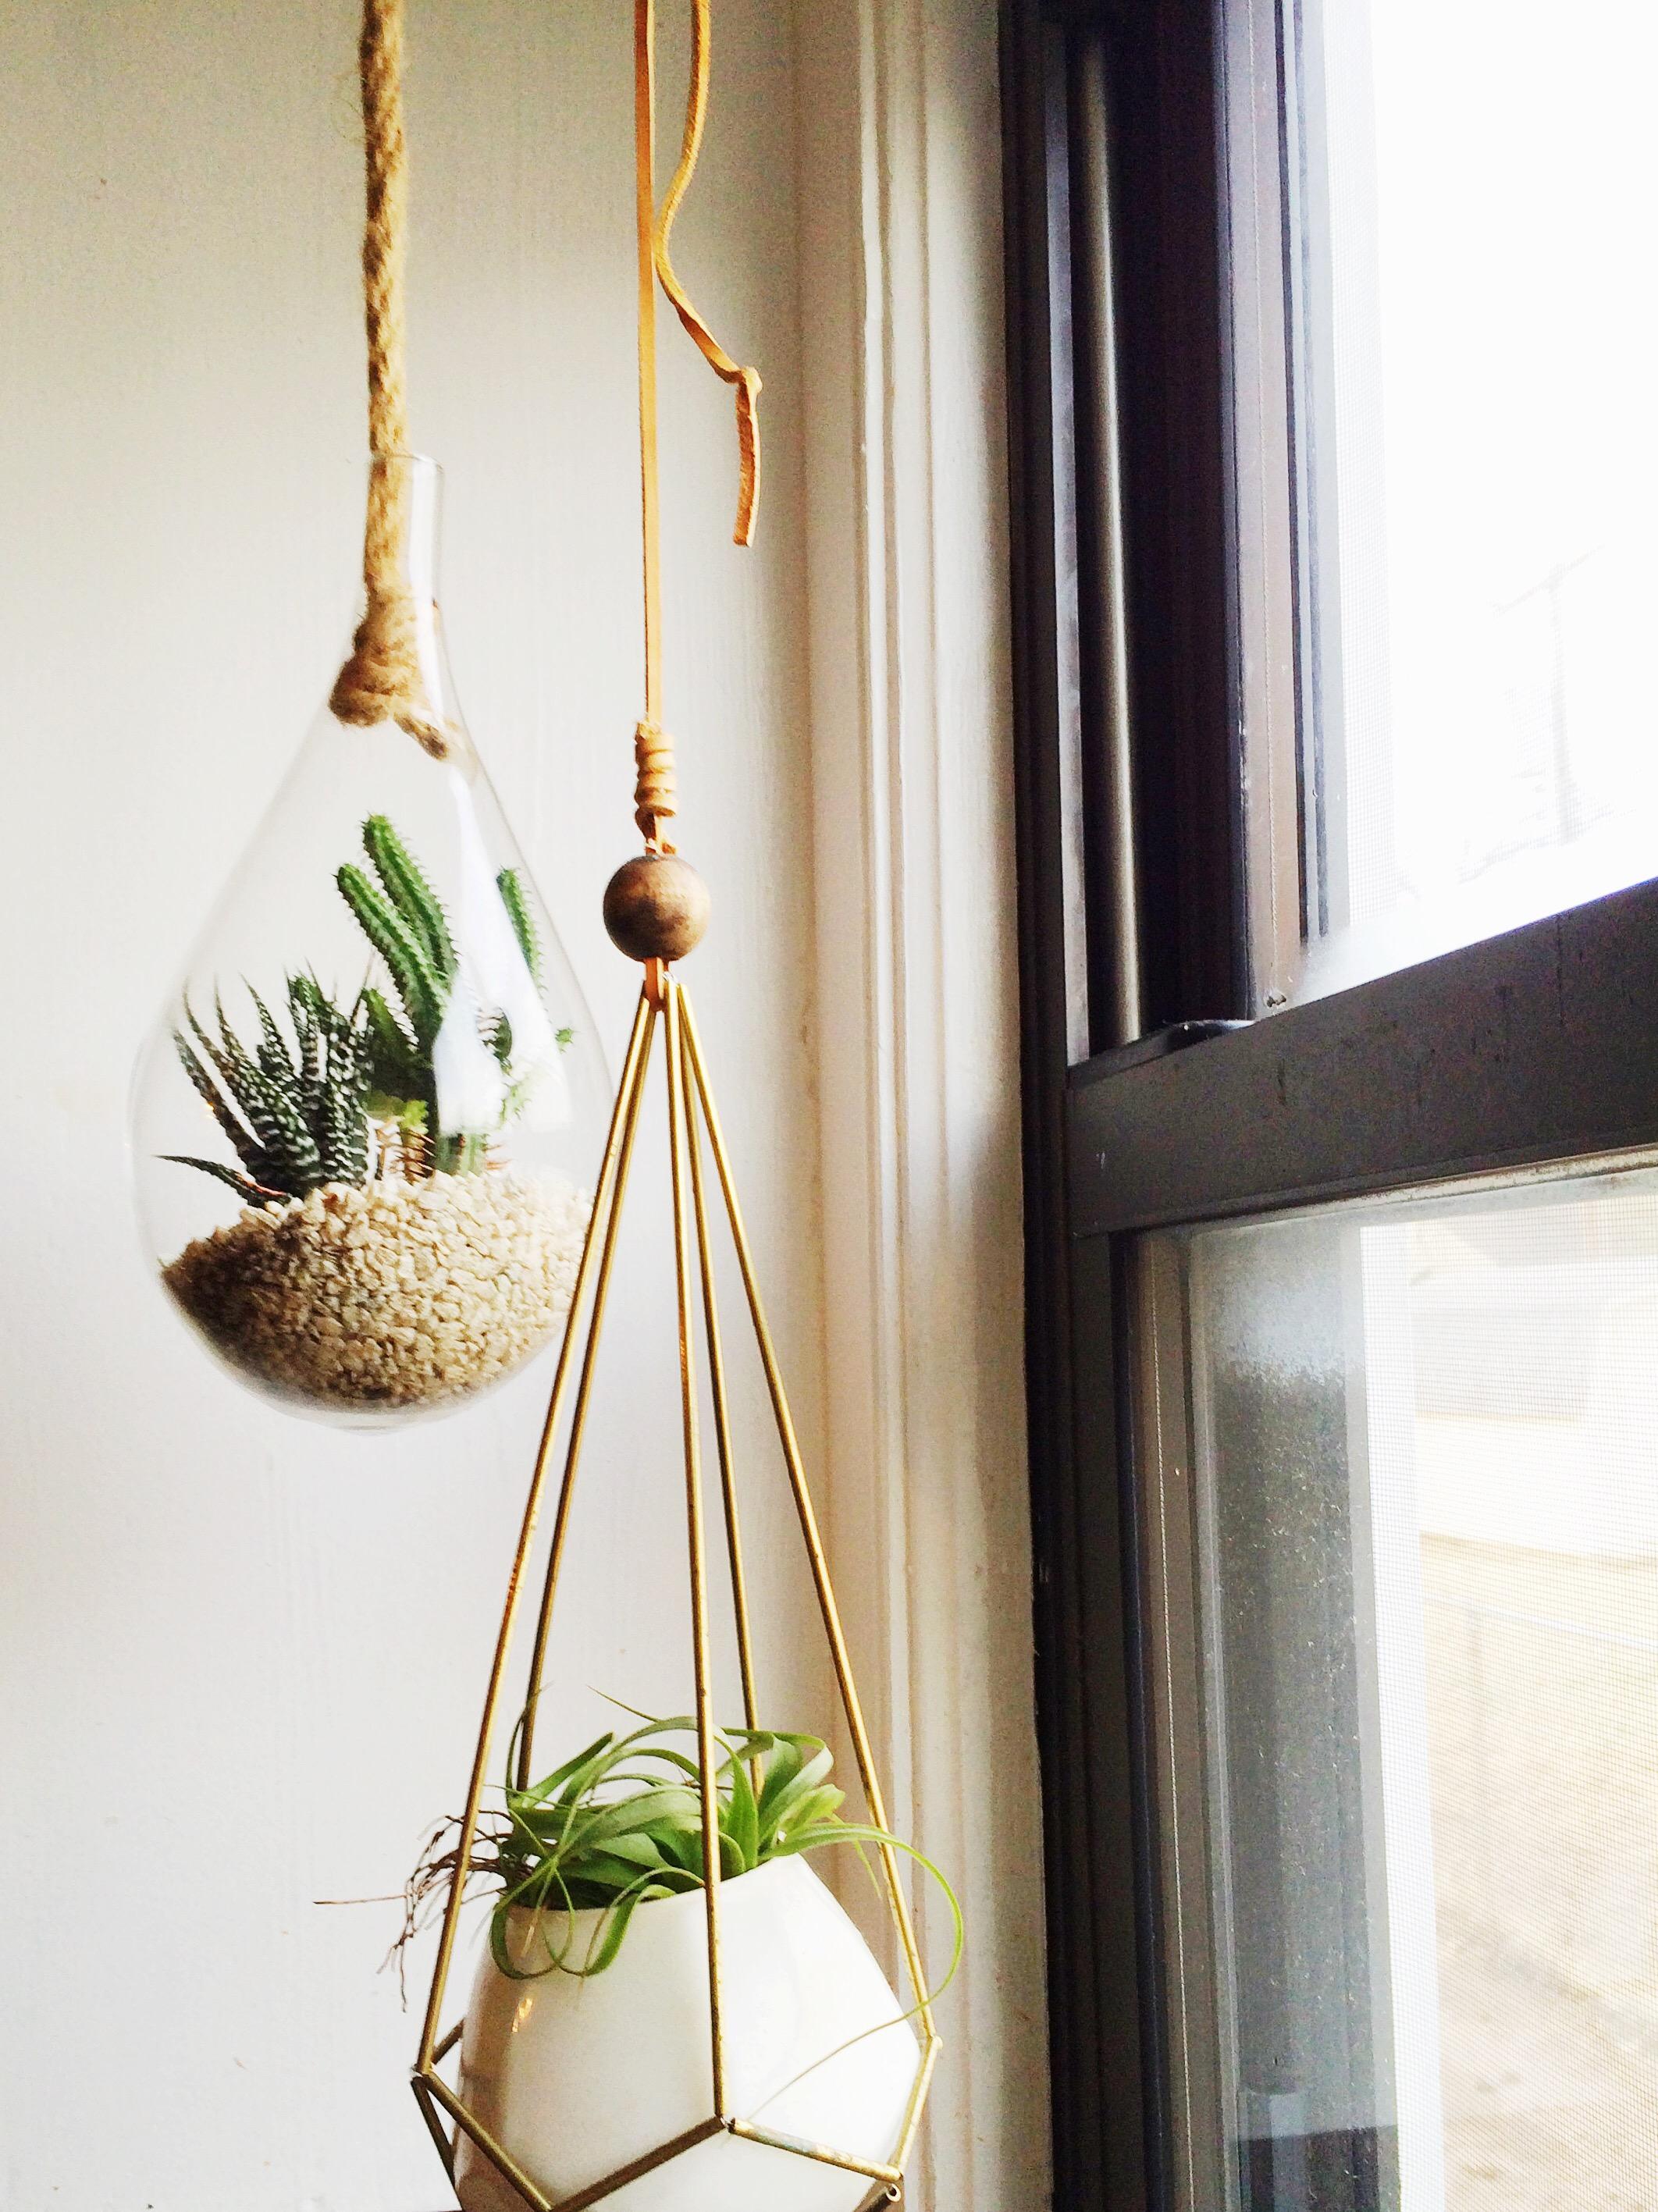 succulentshangingwindow